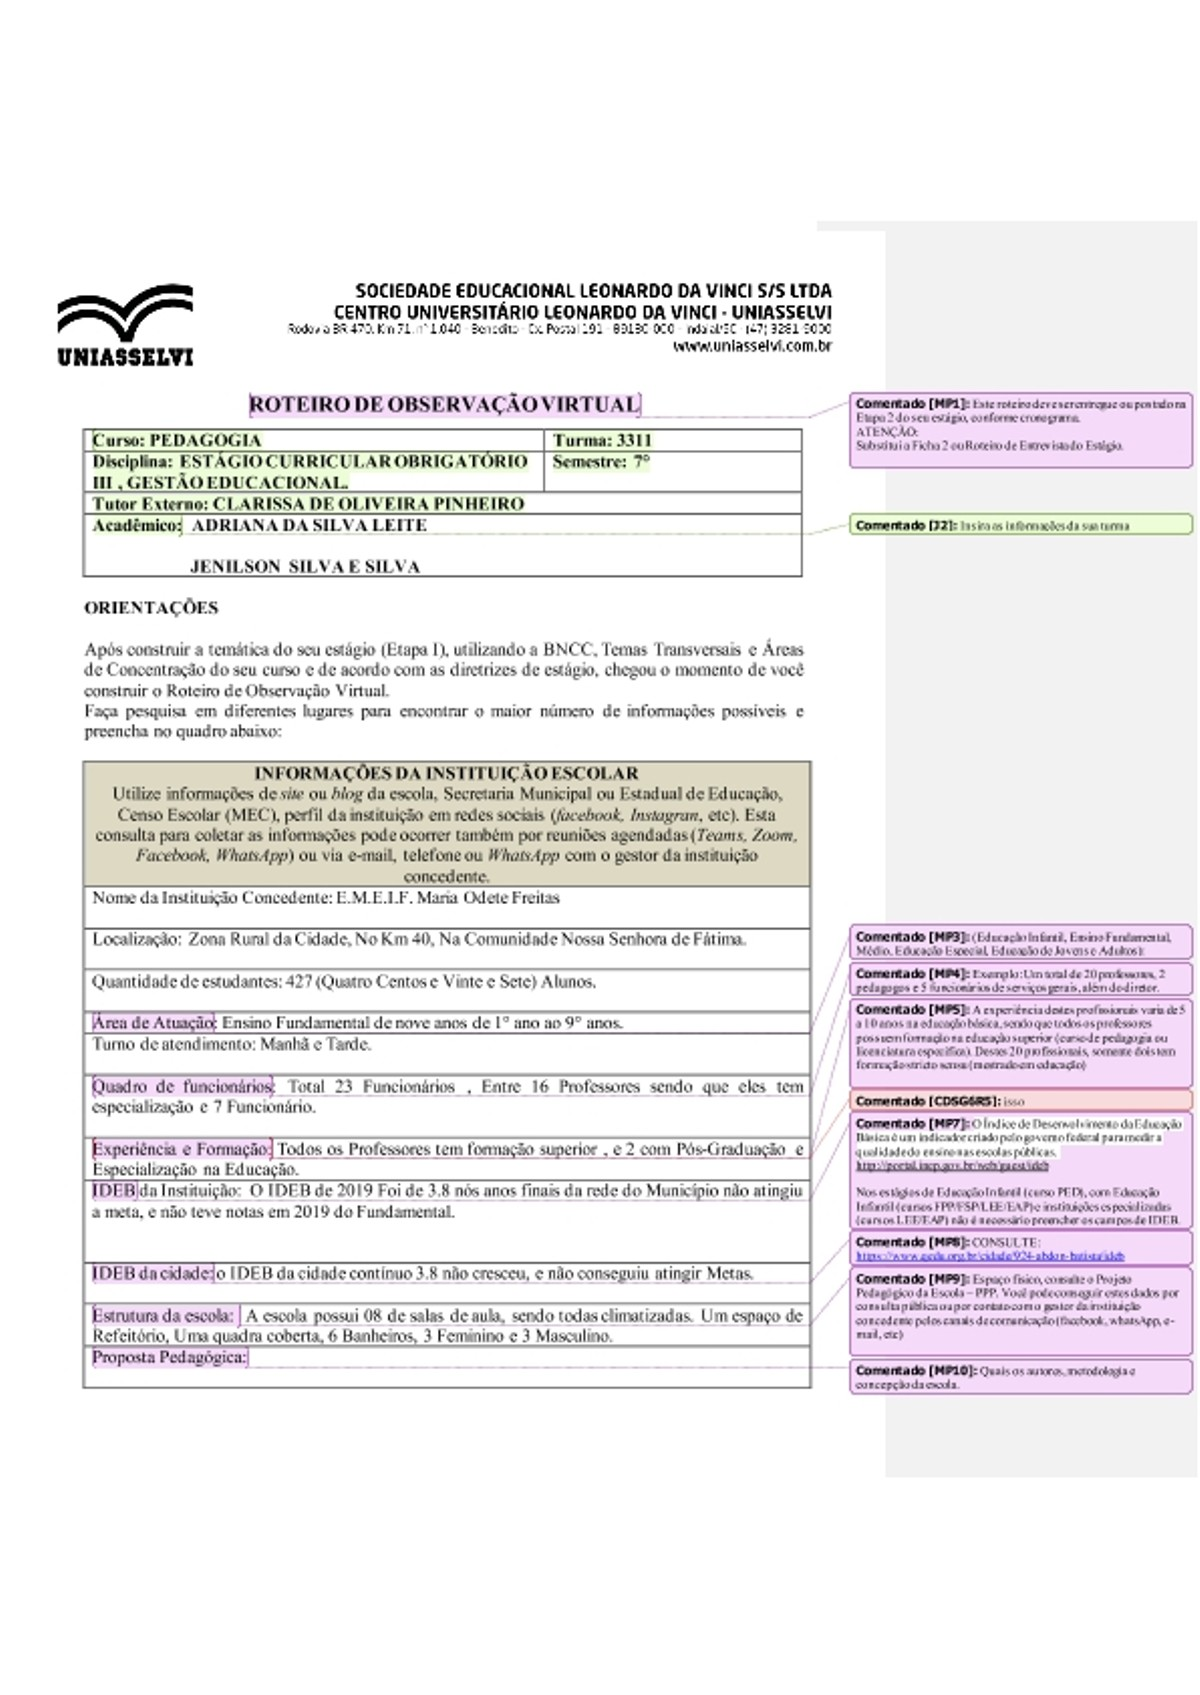 Pre-visualização do material (roteiro_de_observação, ESTÁGIO CURRÍCULAR III GESTÃO EDUCACIONAL - página 1